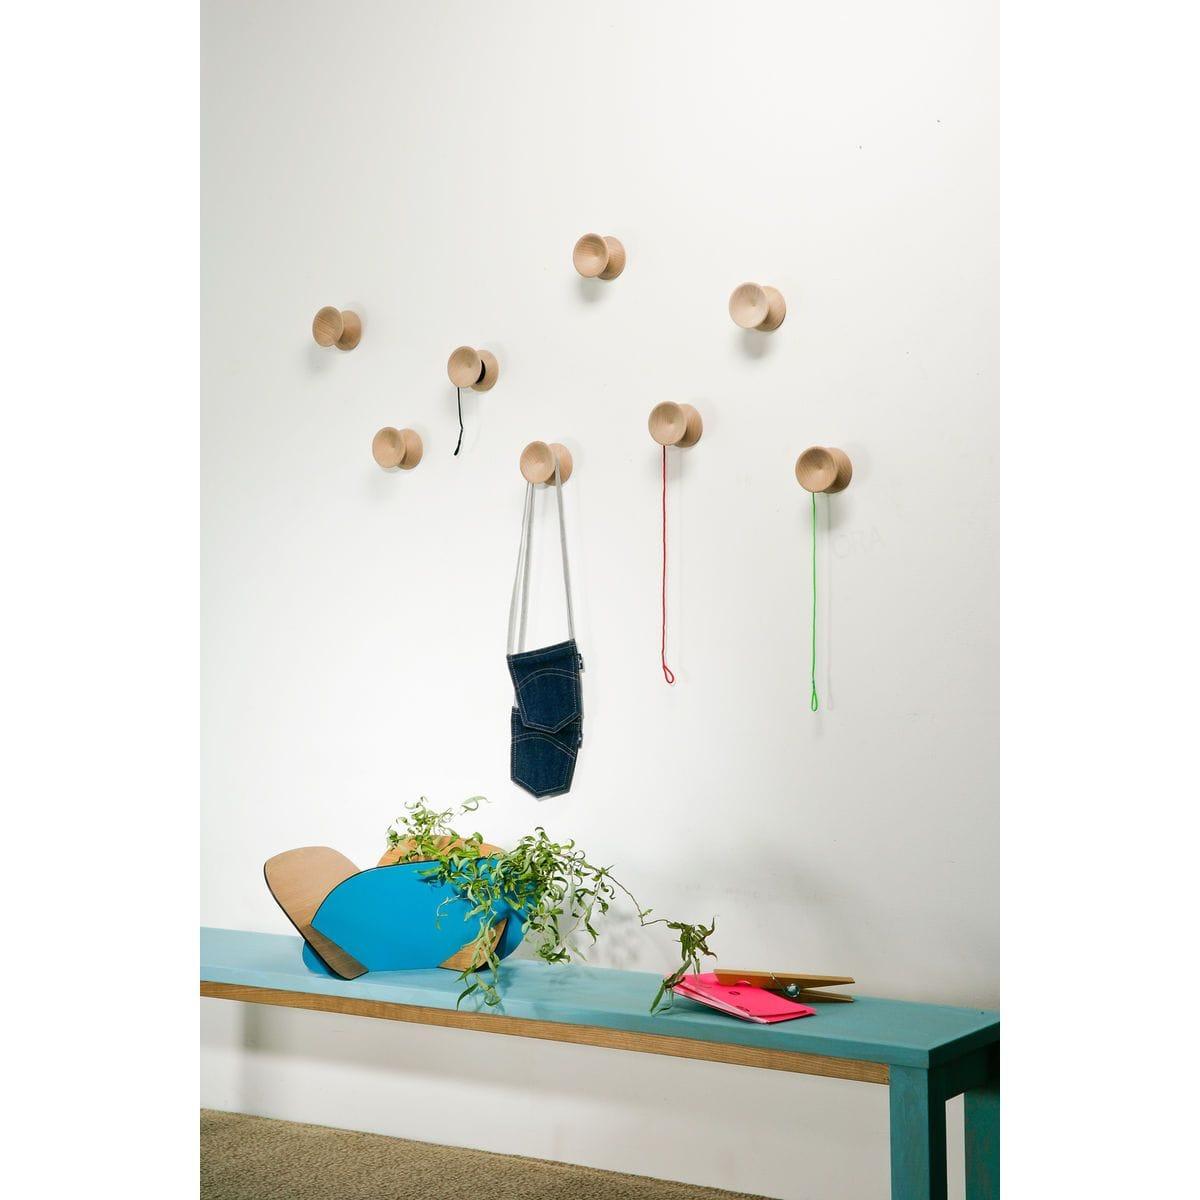 ganci appendiabiti da muro in legno a forma di yo-yo su parete bianca